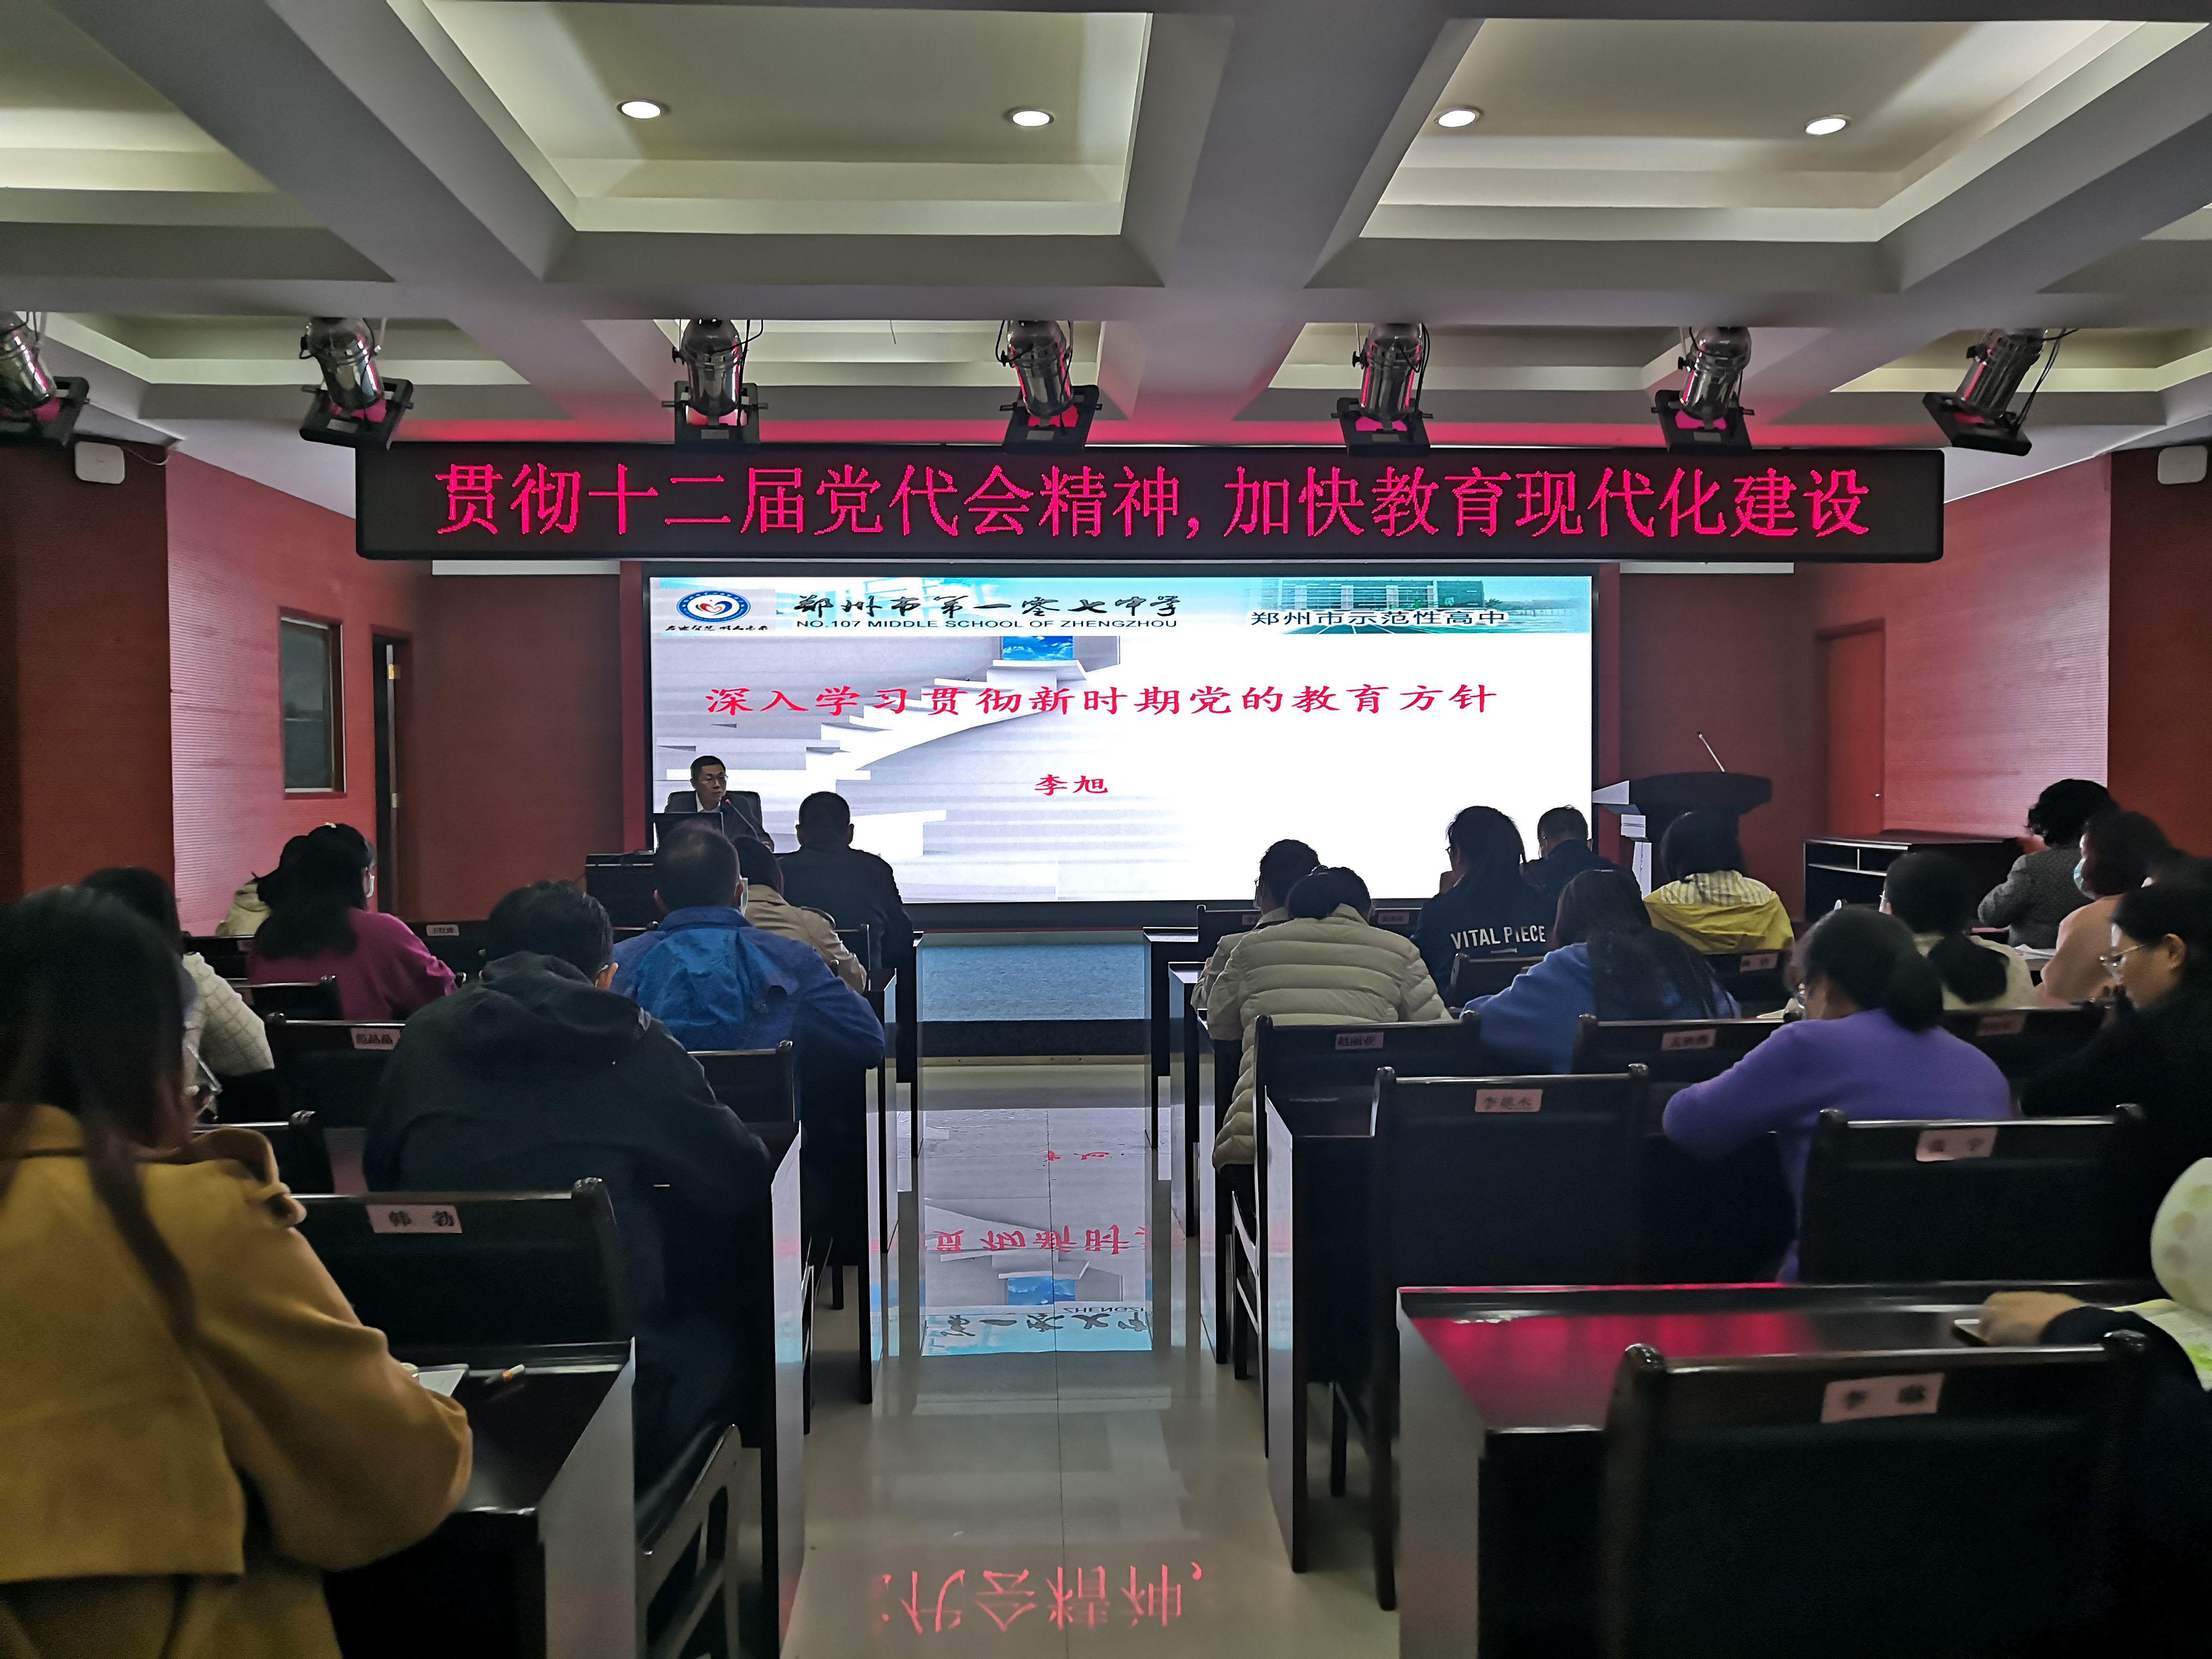 做新时期好老师,郑州市第107高级中学贯彻落实党的教育方针